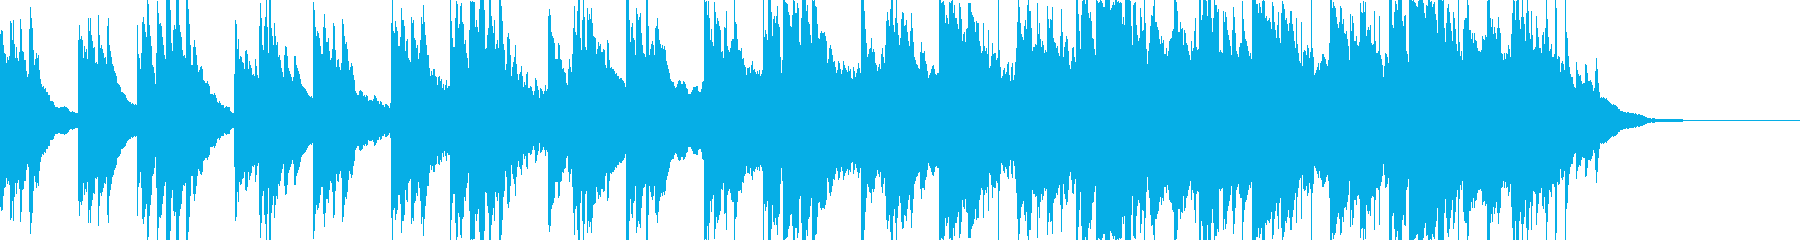 優しくて美しい映像映えする和風音楽BGMの再生済みの波形